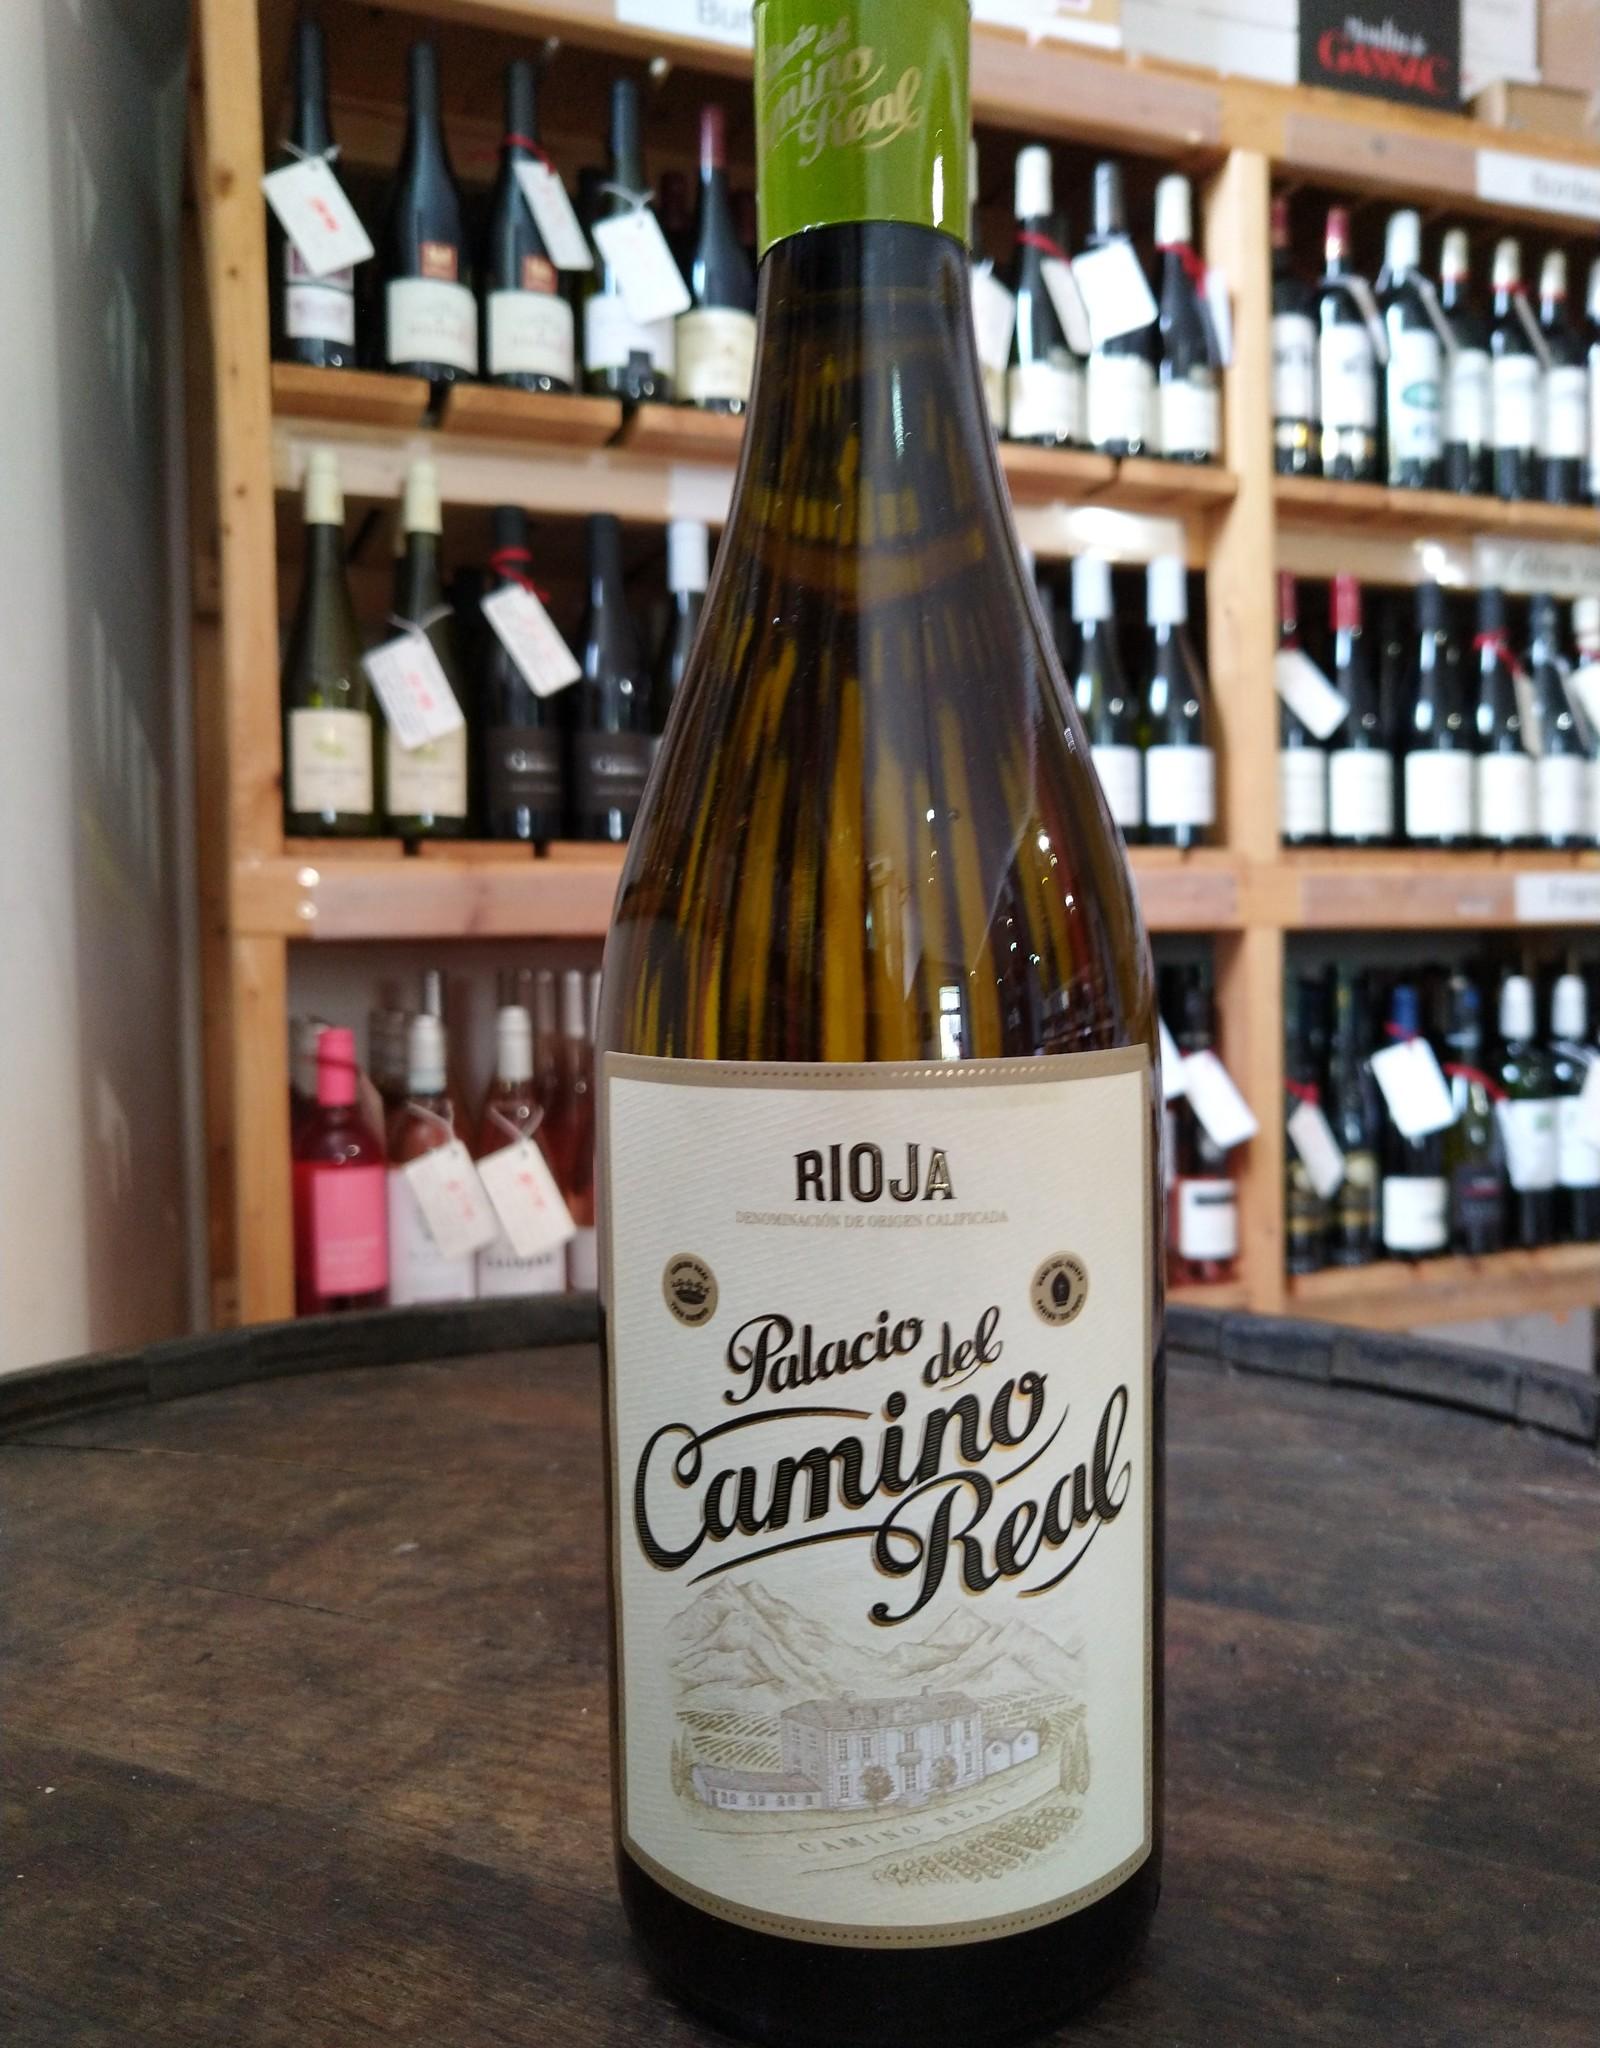 2019 Palacio del Camino Real Rioja Blanco